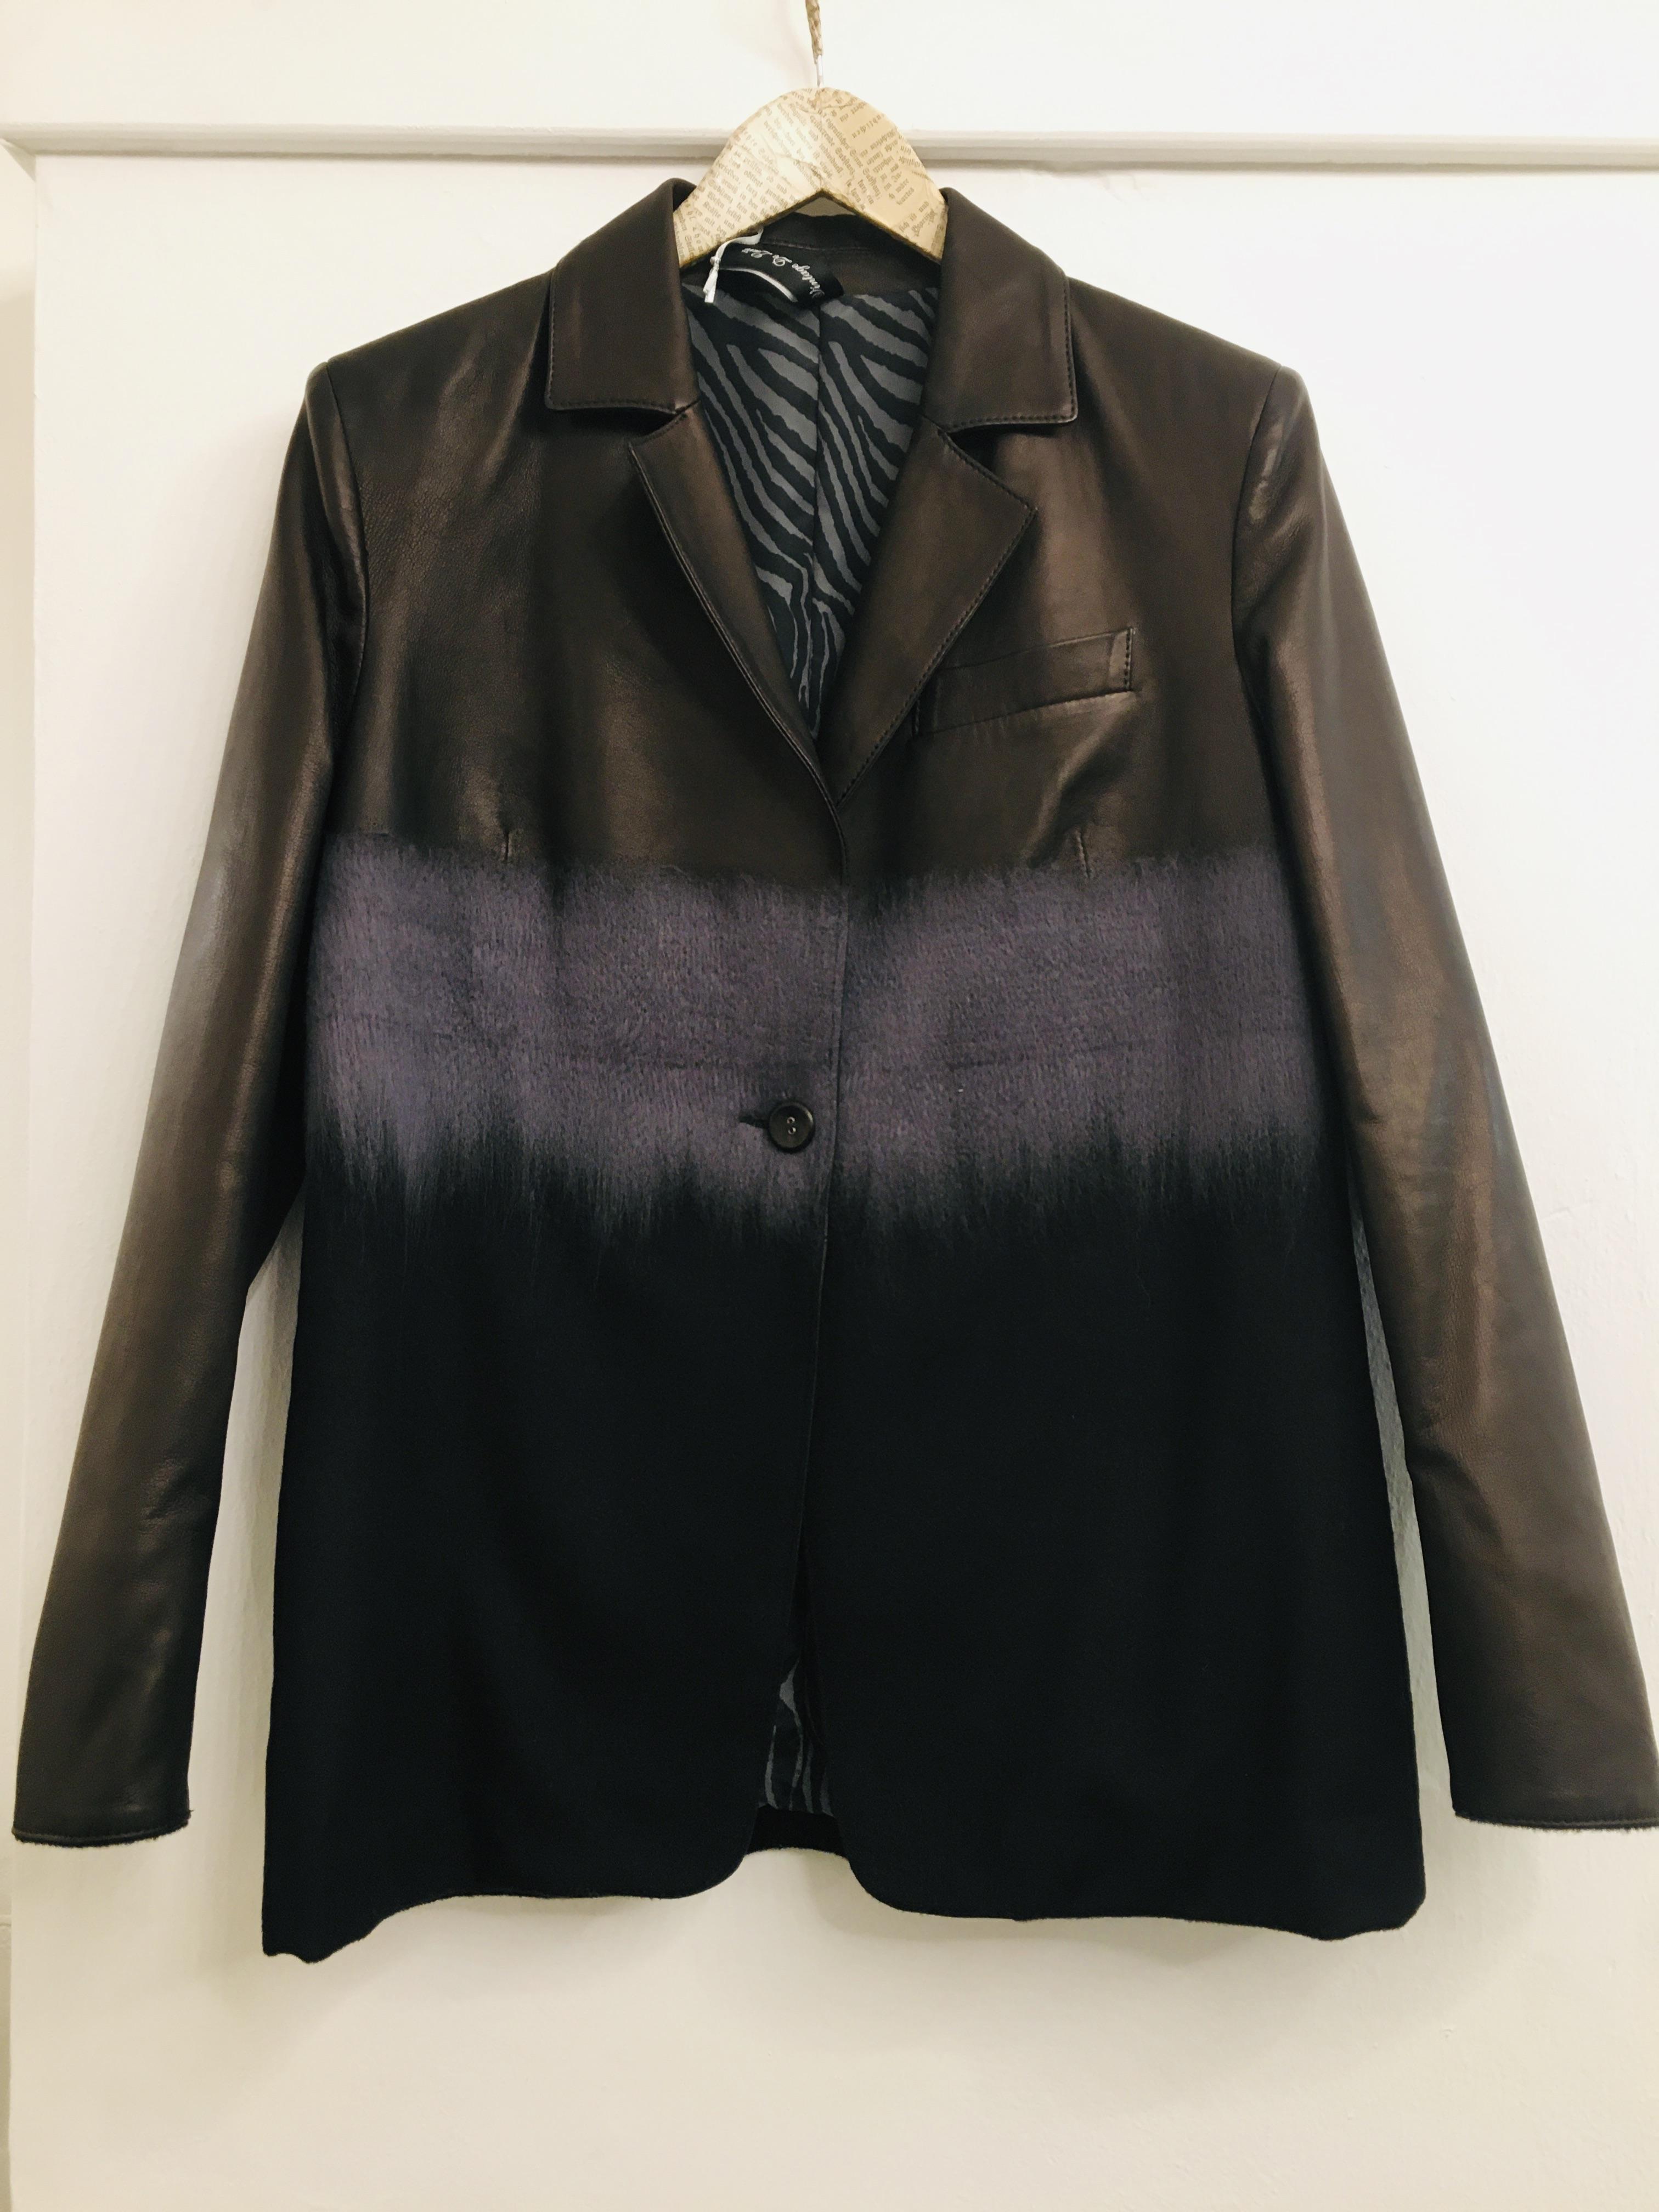 Blazer donna| in pelle e lana sfumata| chiusura con bottoni| con taschino frontale| made in italy